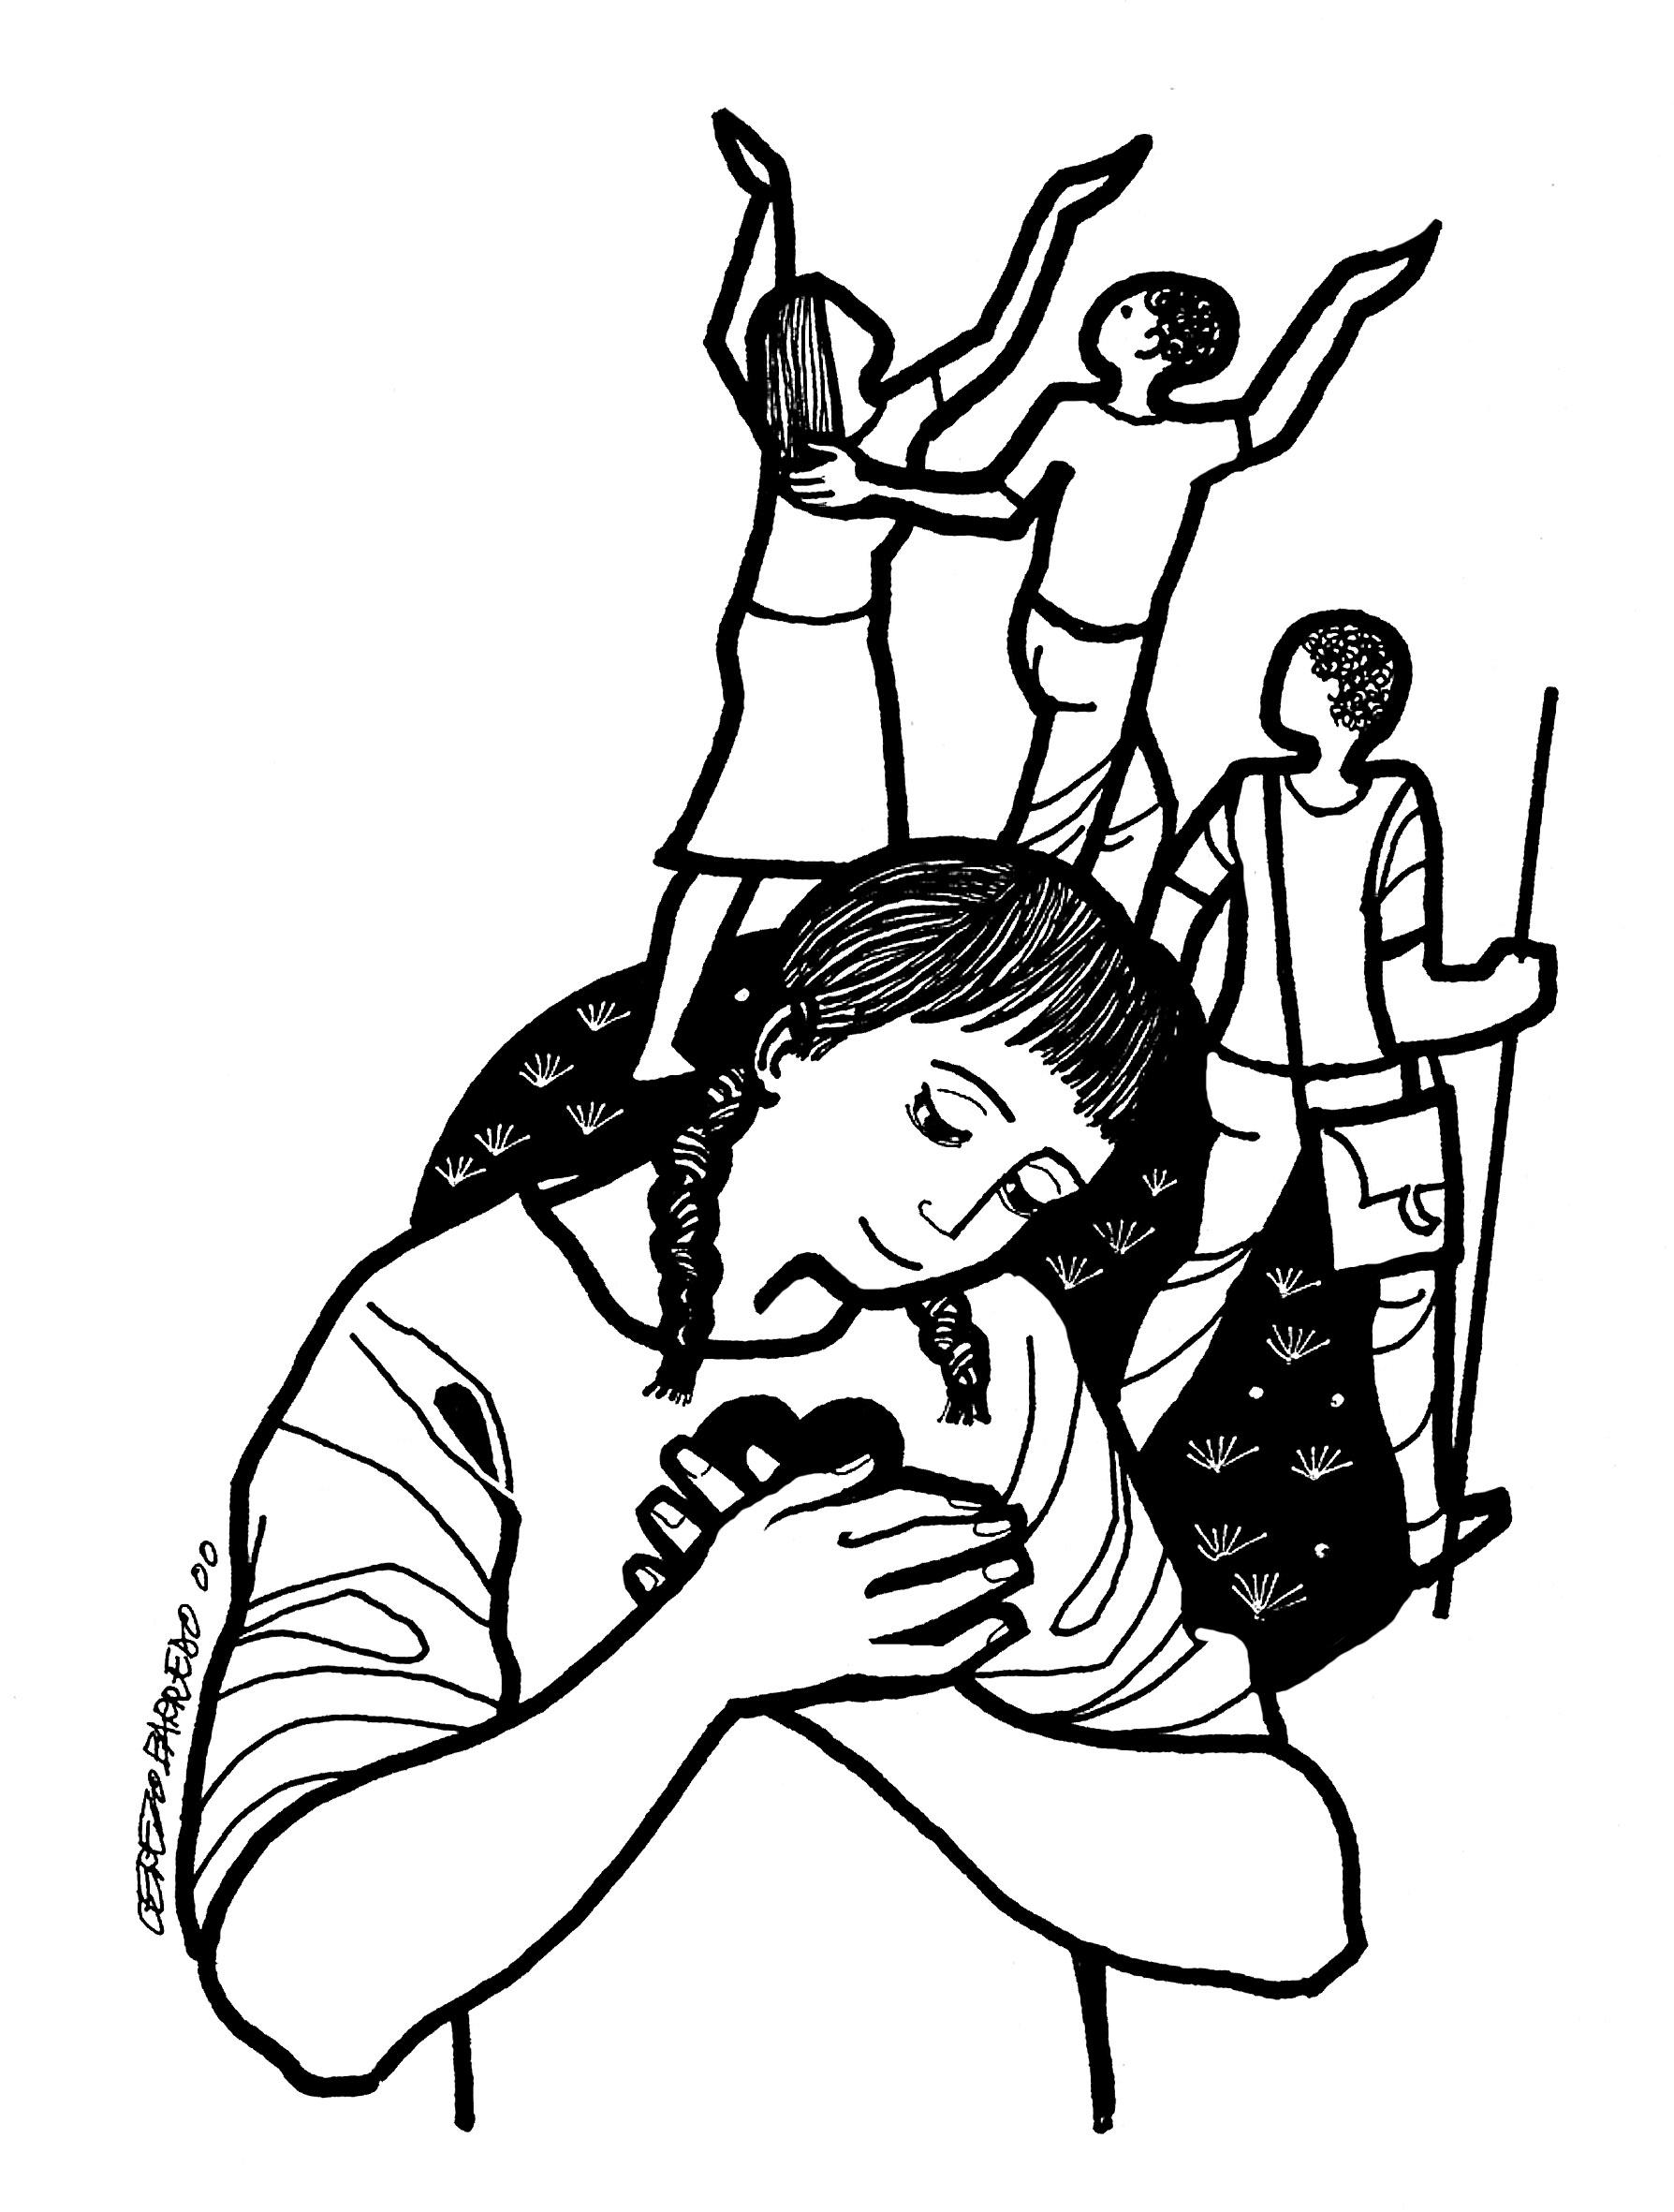 Evangelio del día - Lecturas del sábado, 1 de enero de 2011